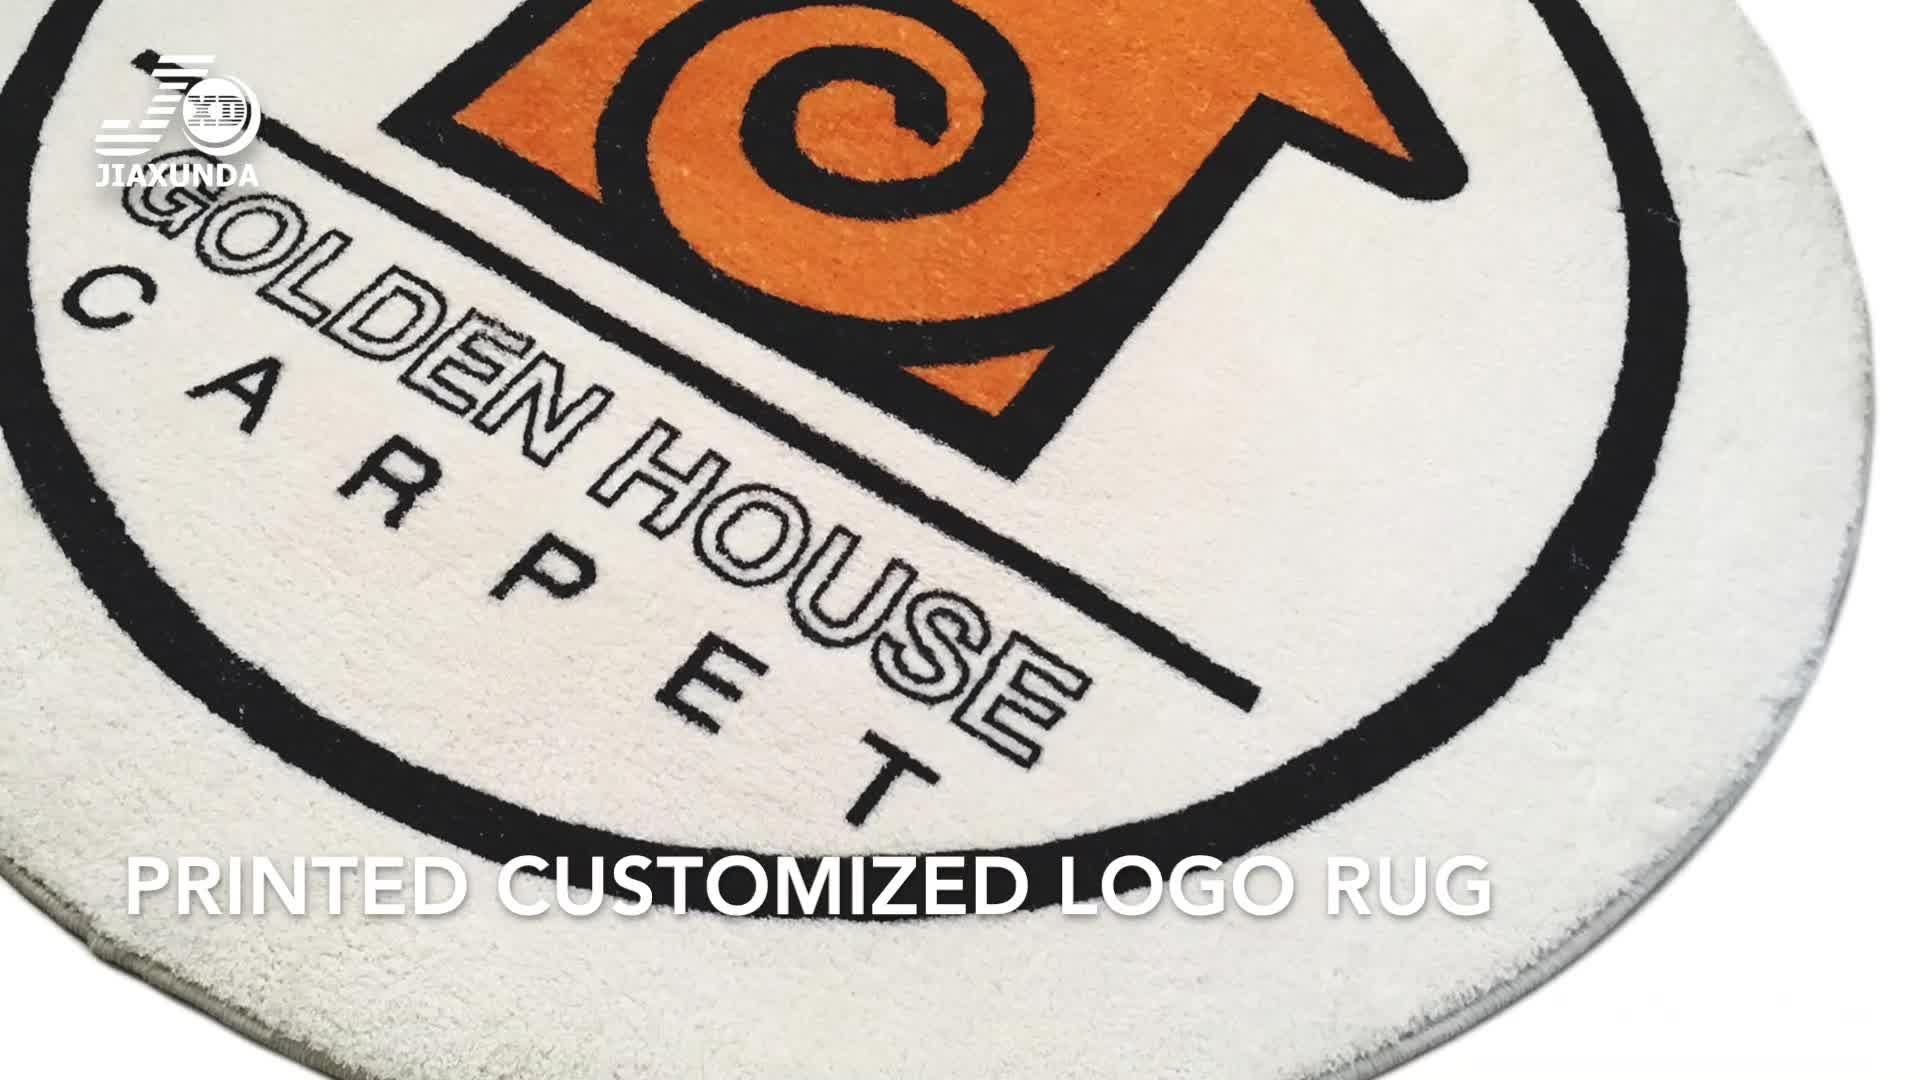 Özelleştirilmiş kişisel logo tasarımı özel yapılmış şirket kapalı alan Logo kapı kilim baskılı yuvarlak halı zeminler için